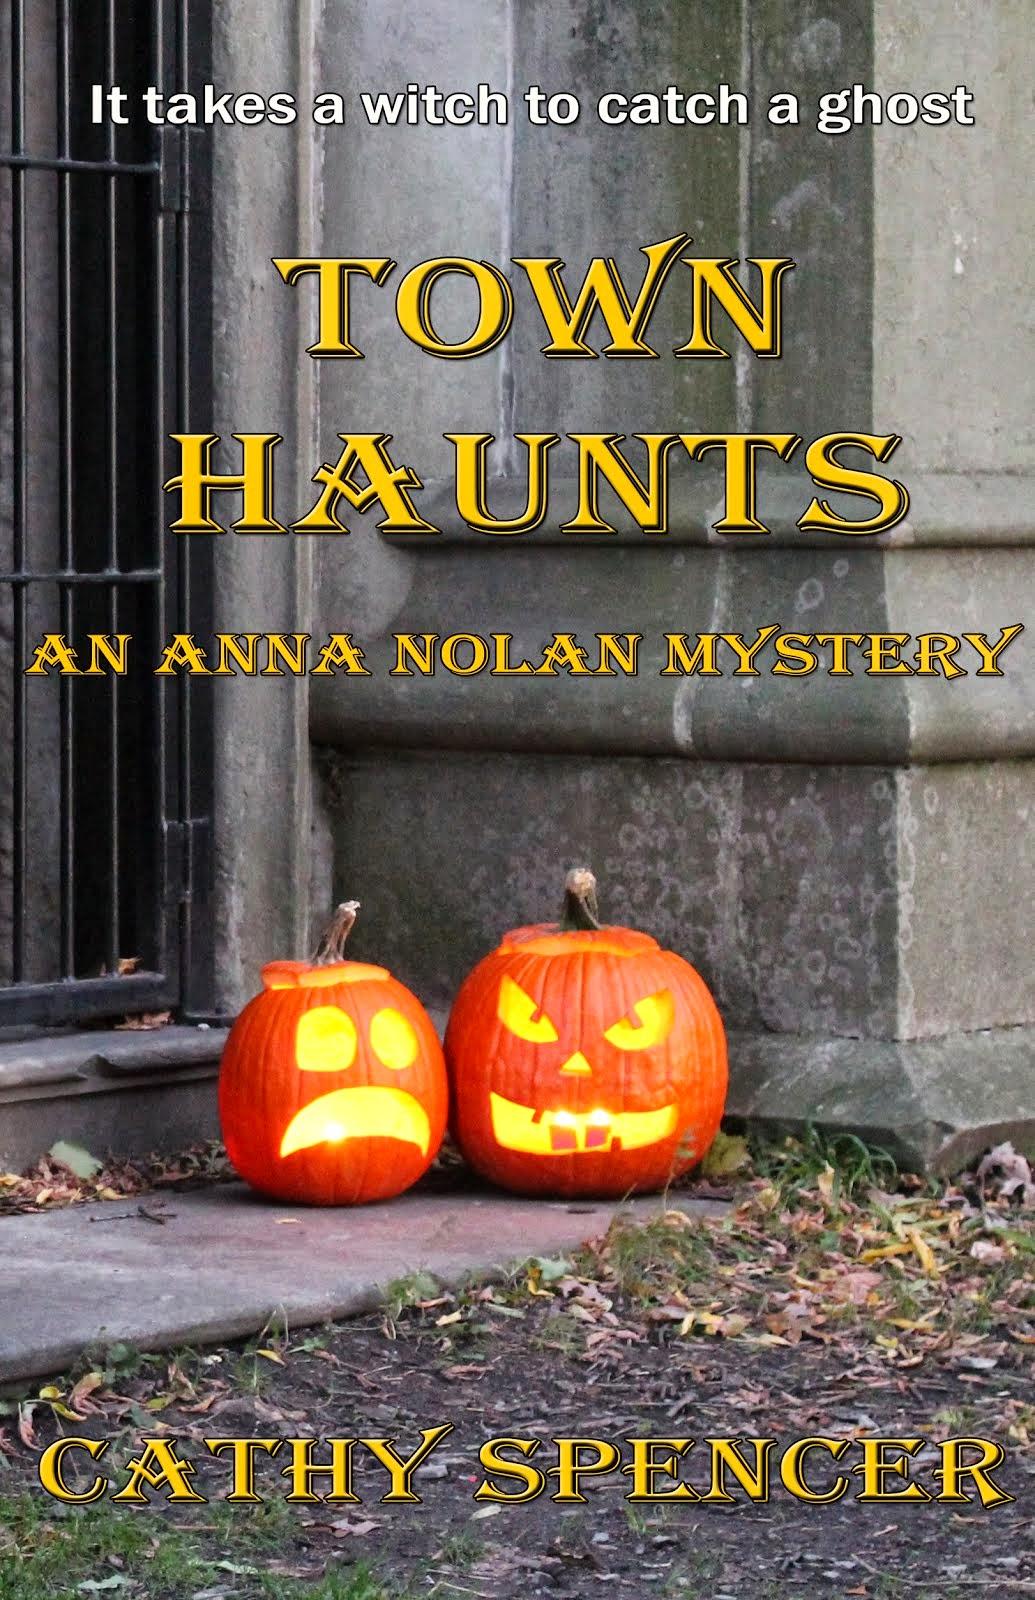 Town Haunts